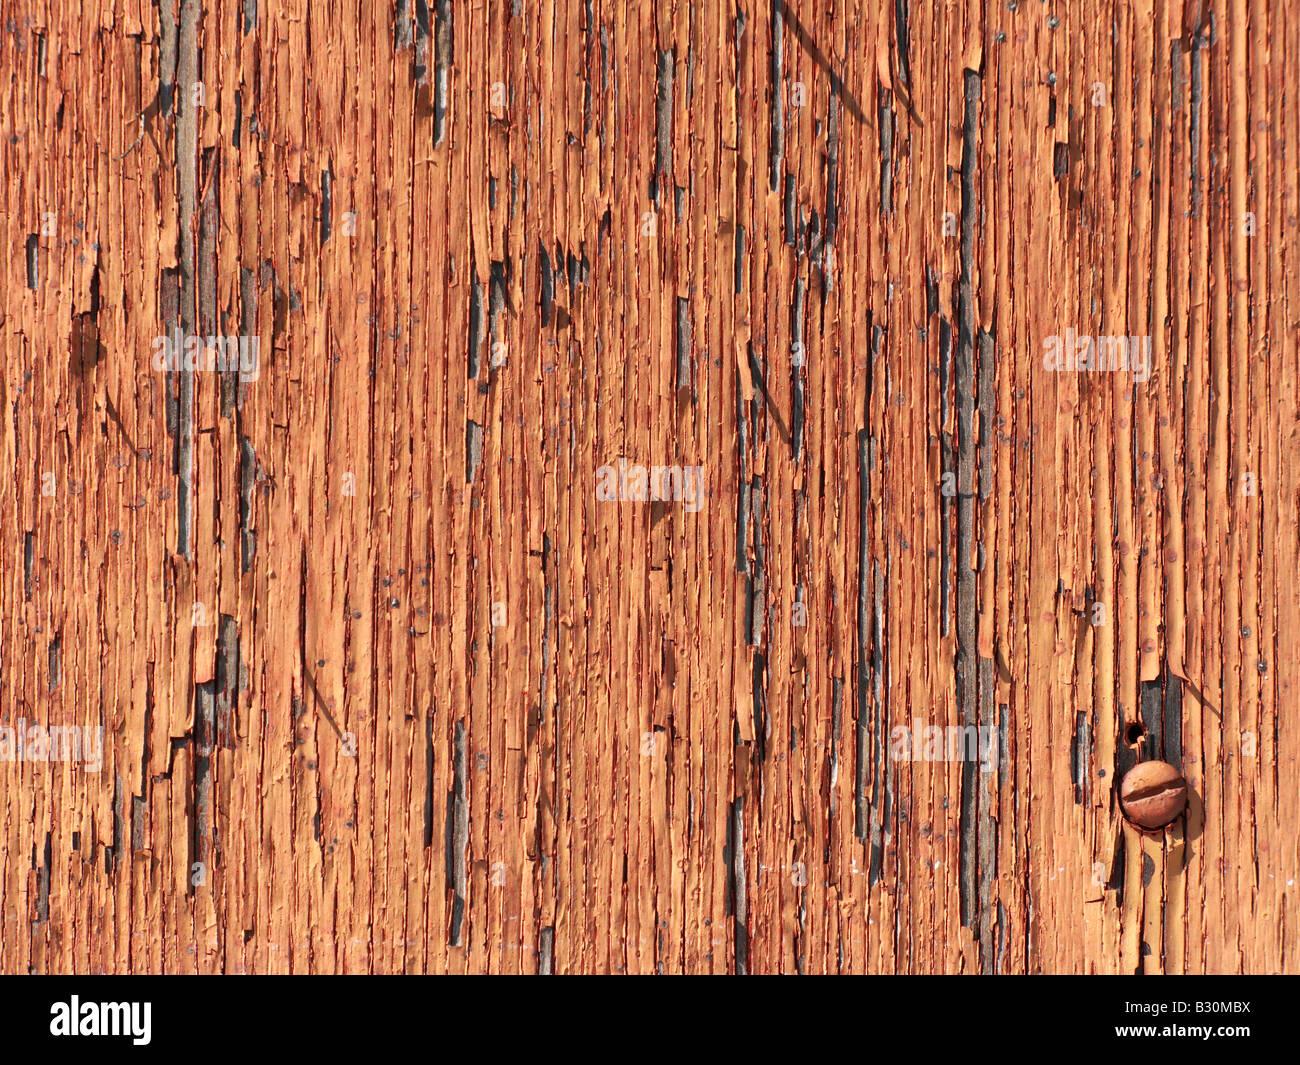 Sfondo astratto close up texture di superficie Immagini Stock